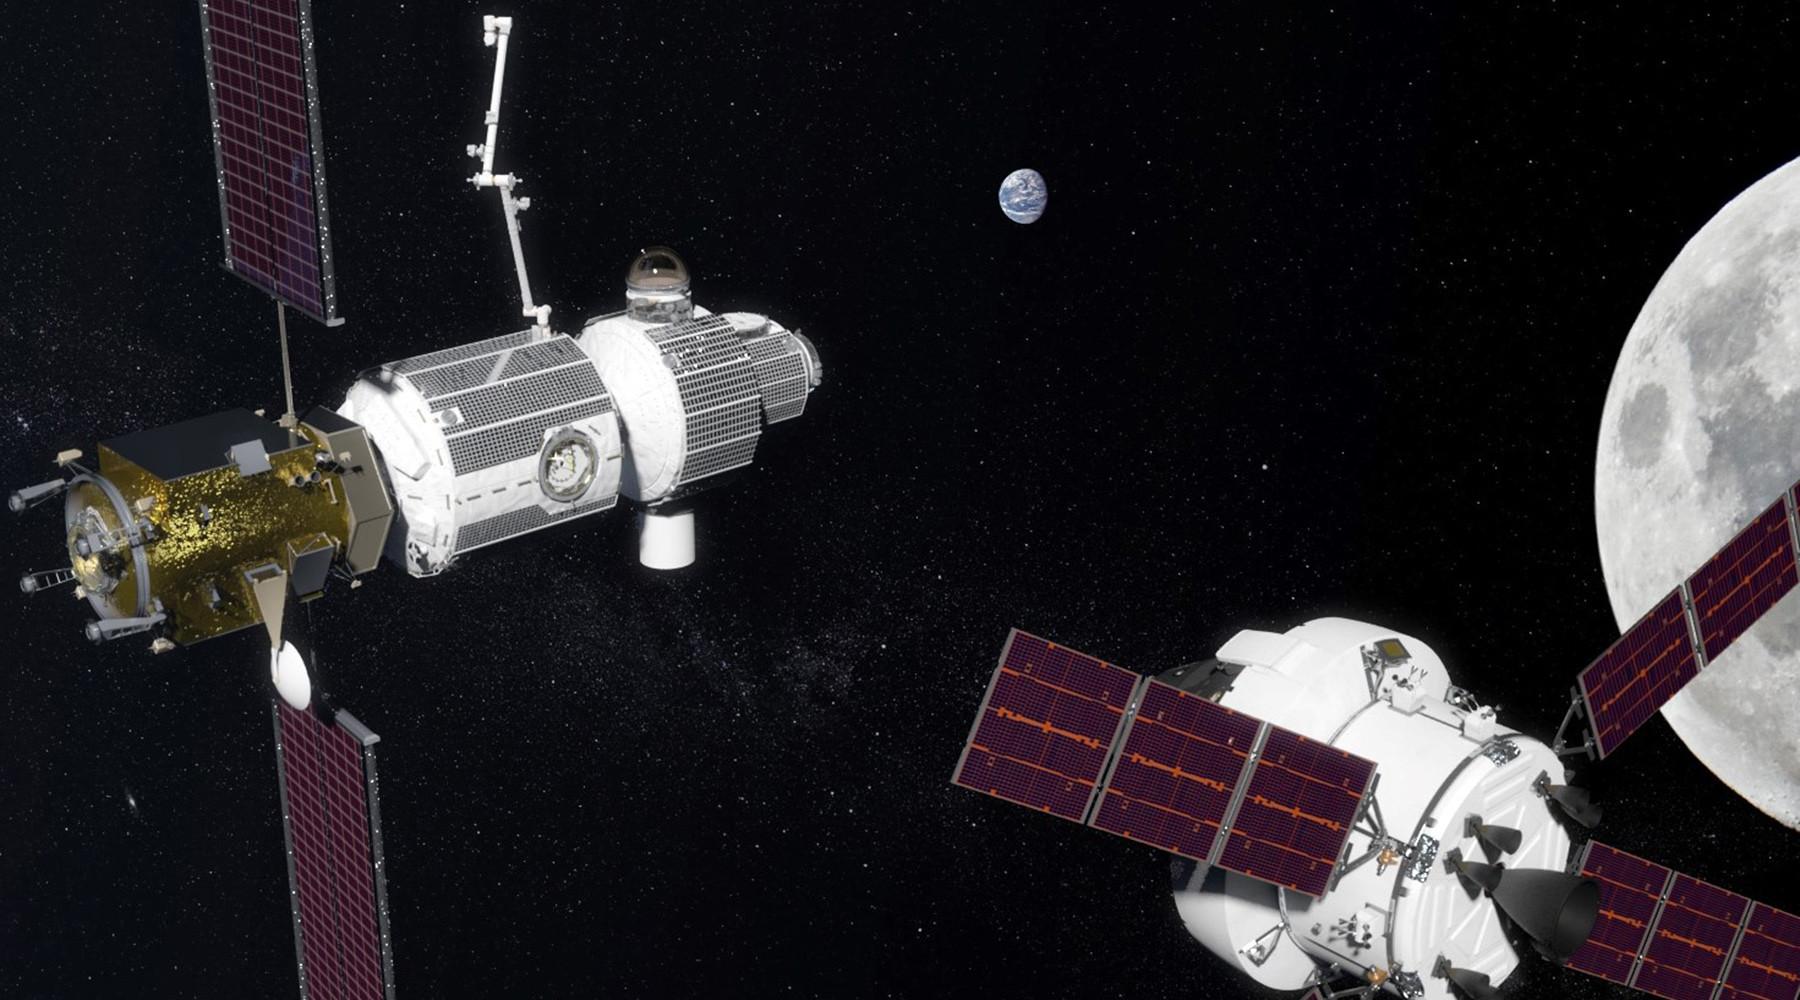 Роскосмос начал переговоры с NASA об участии в проекте окололунной станции